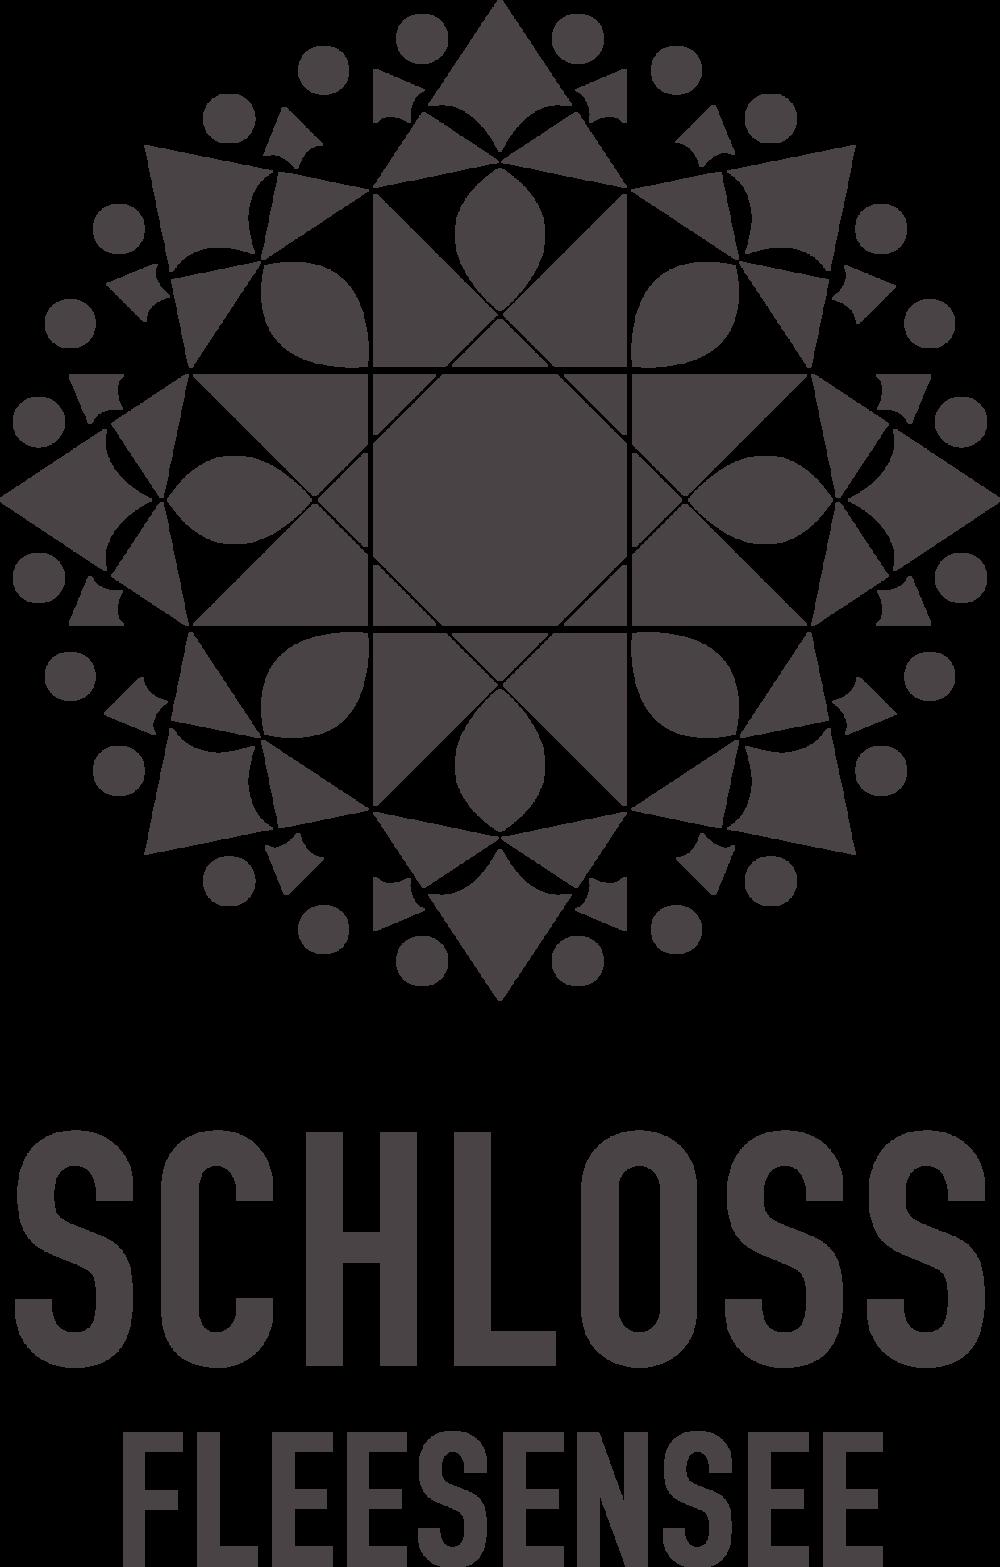 schloss_logo.png